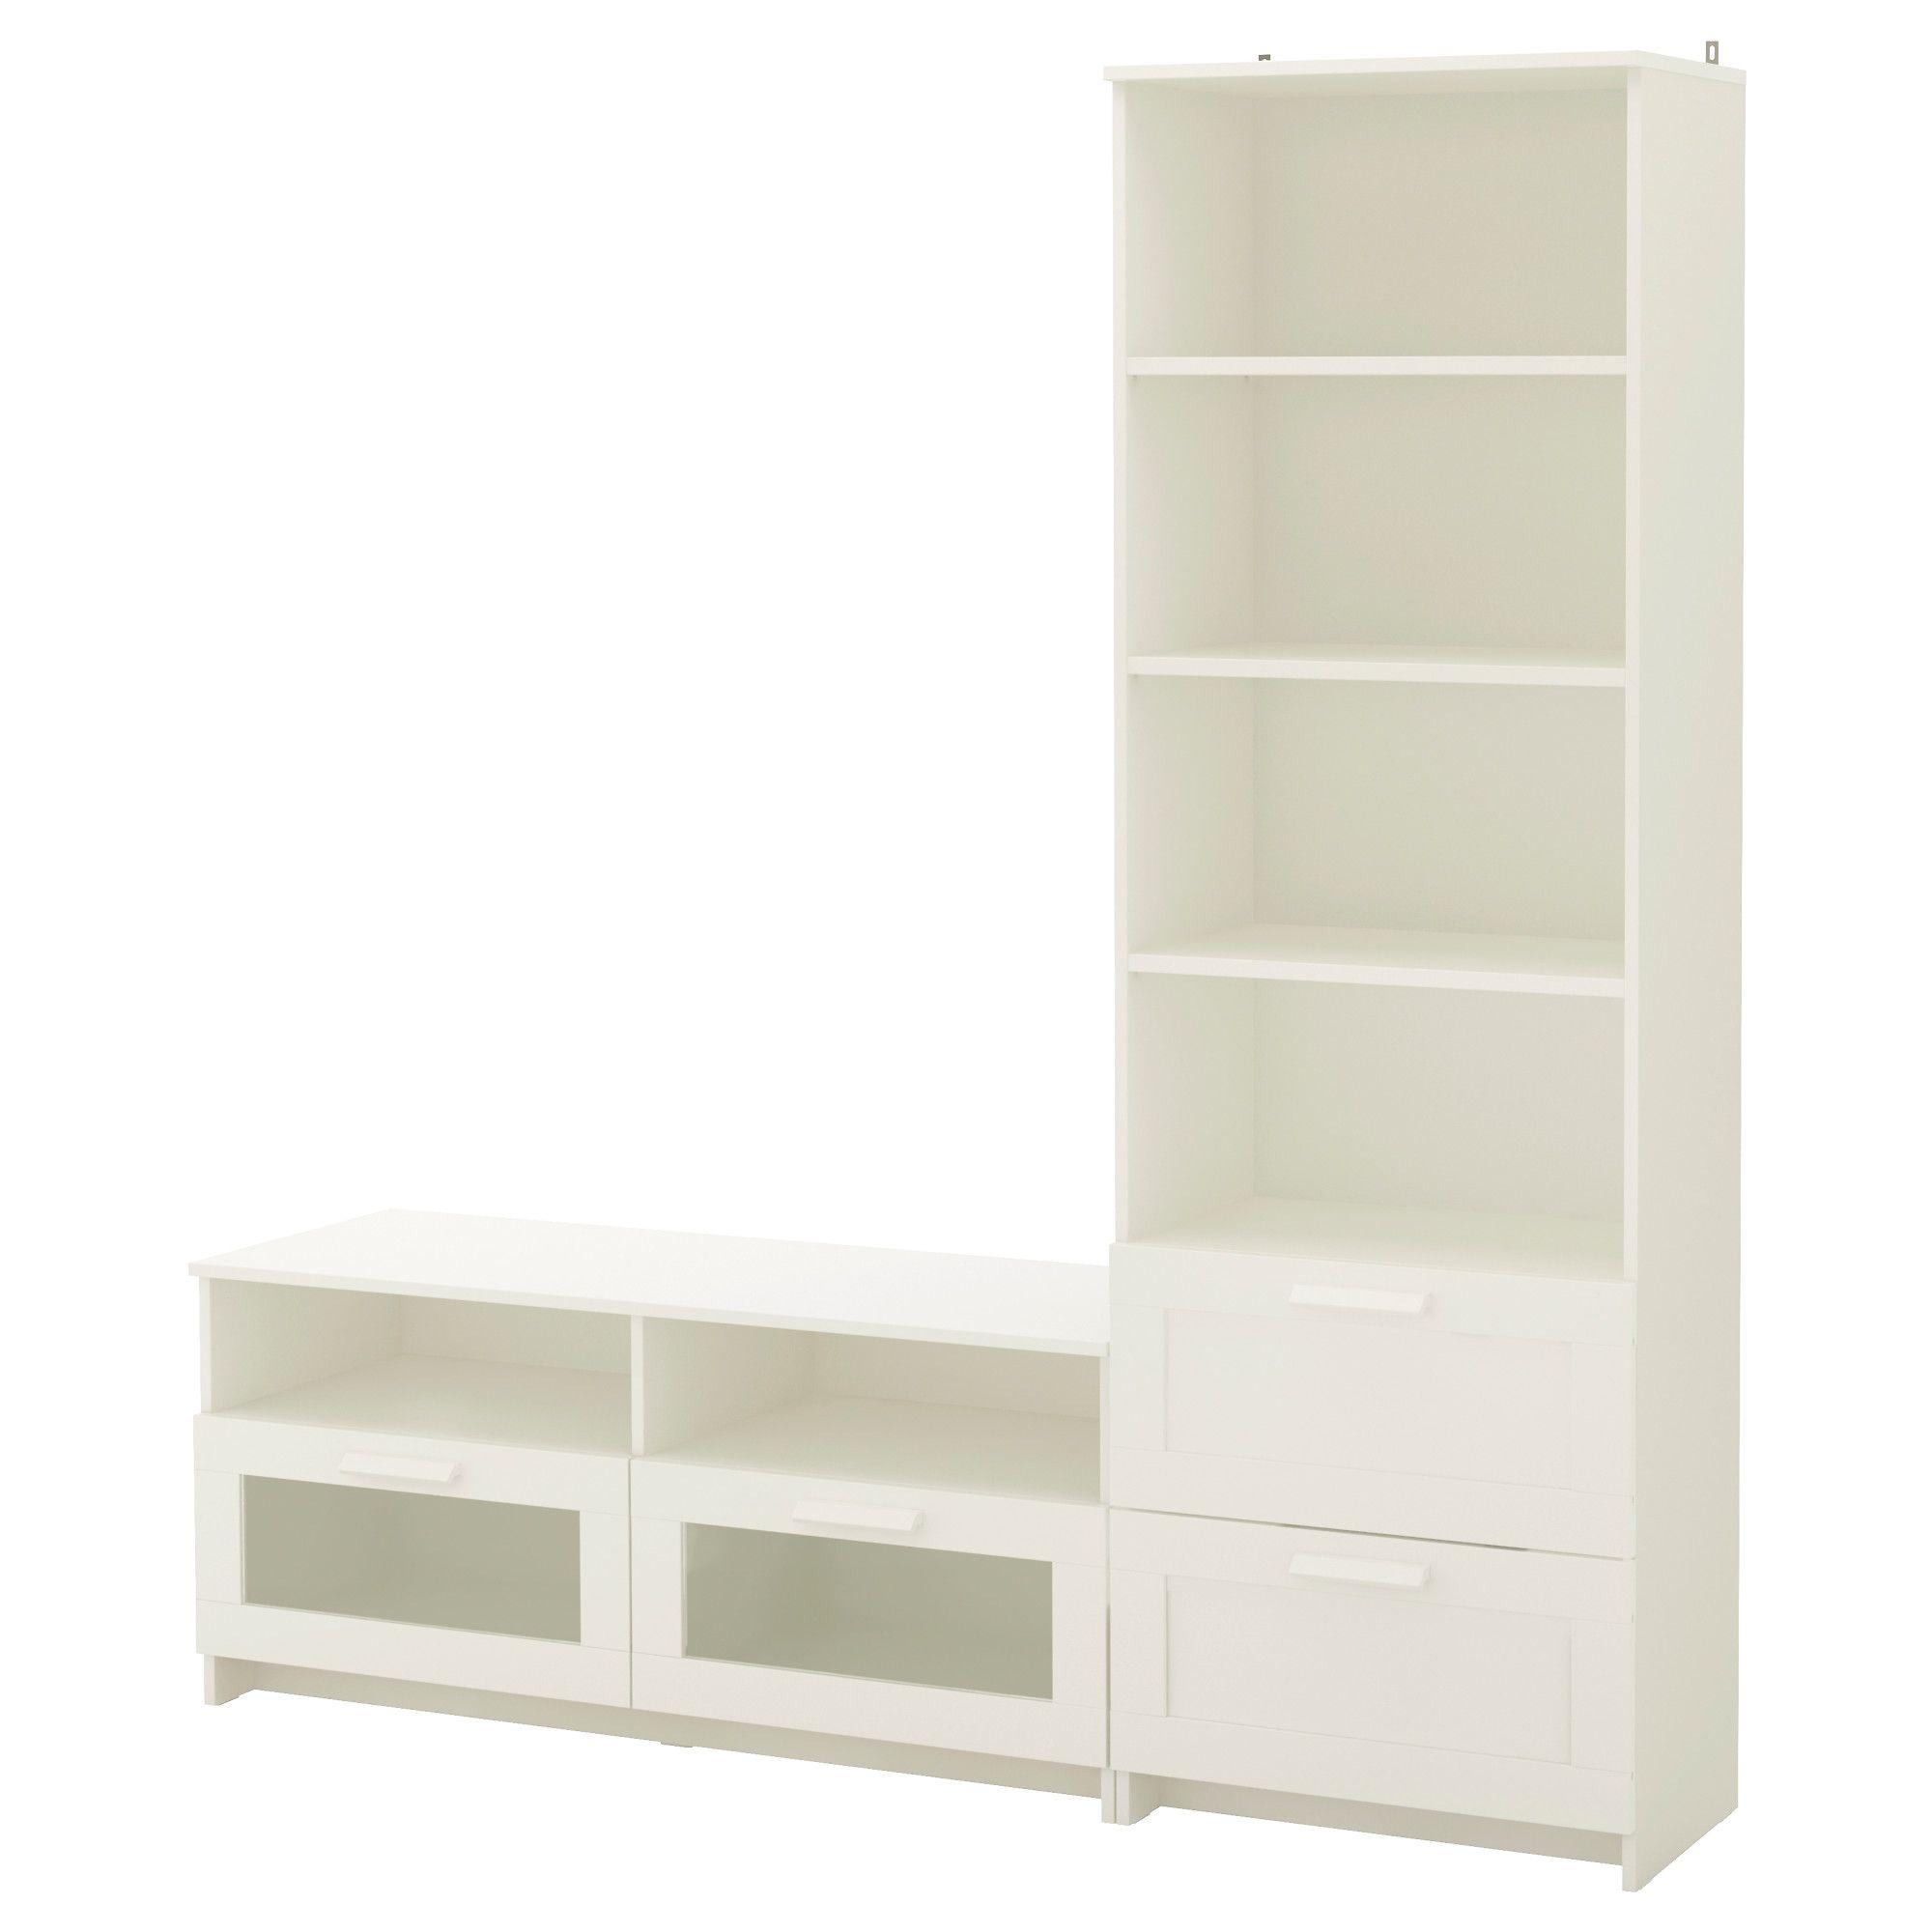 Büromöbel weiss ikea  BRIMNES, TV-Möbel, Kombination, weiß Jetzt bestellen unter: https ...